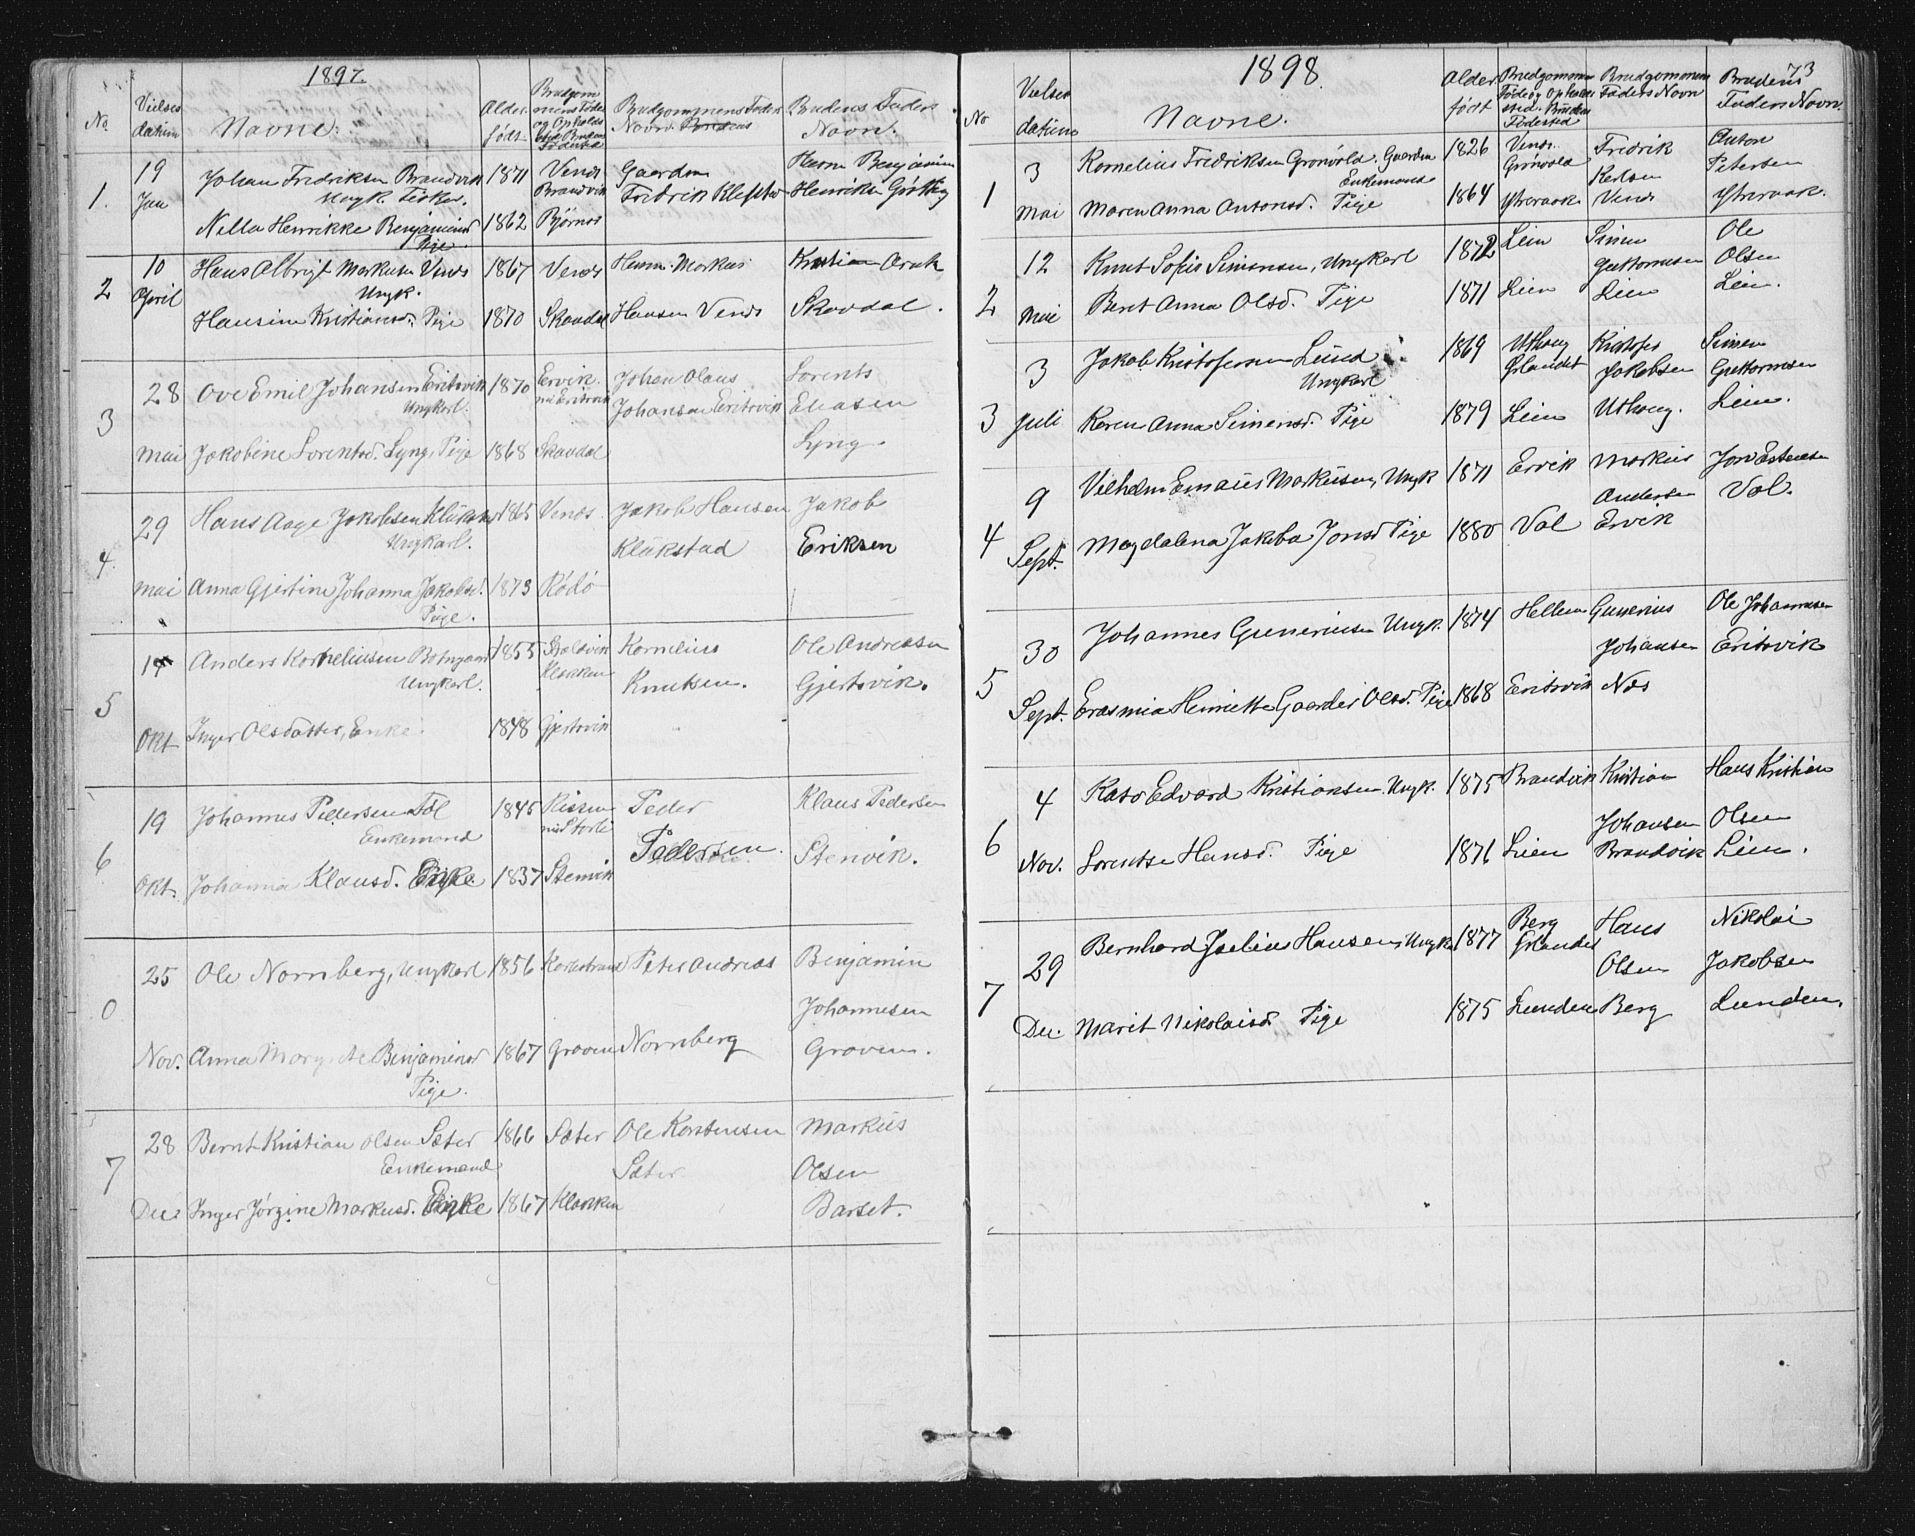 SAT, Ministerialprotokoller, klokkerbøker og fødselsregistre - Sør-Trøndelag, 651/L0647: Klokkerbok nr. 651C01, 1866-1914, s. 73